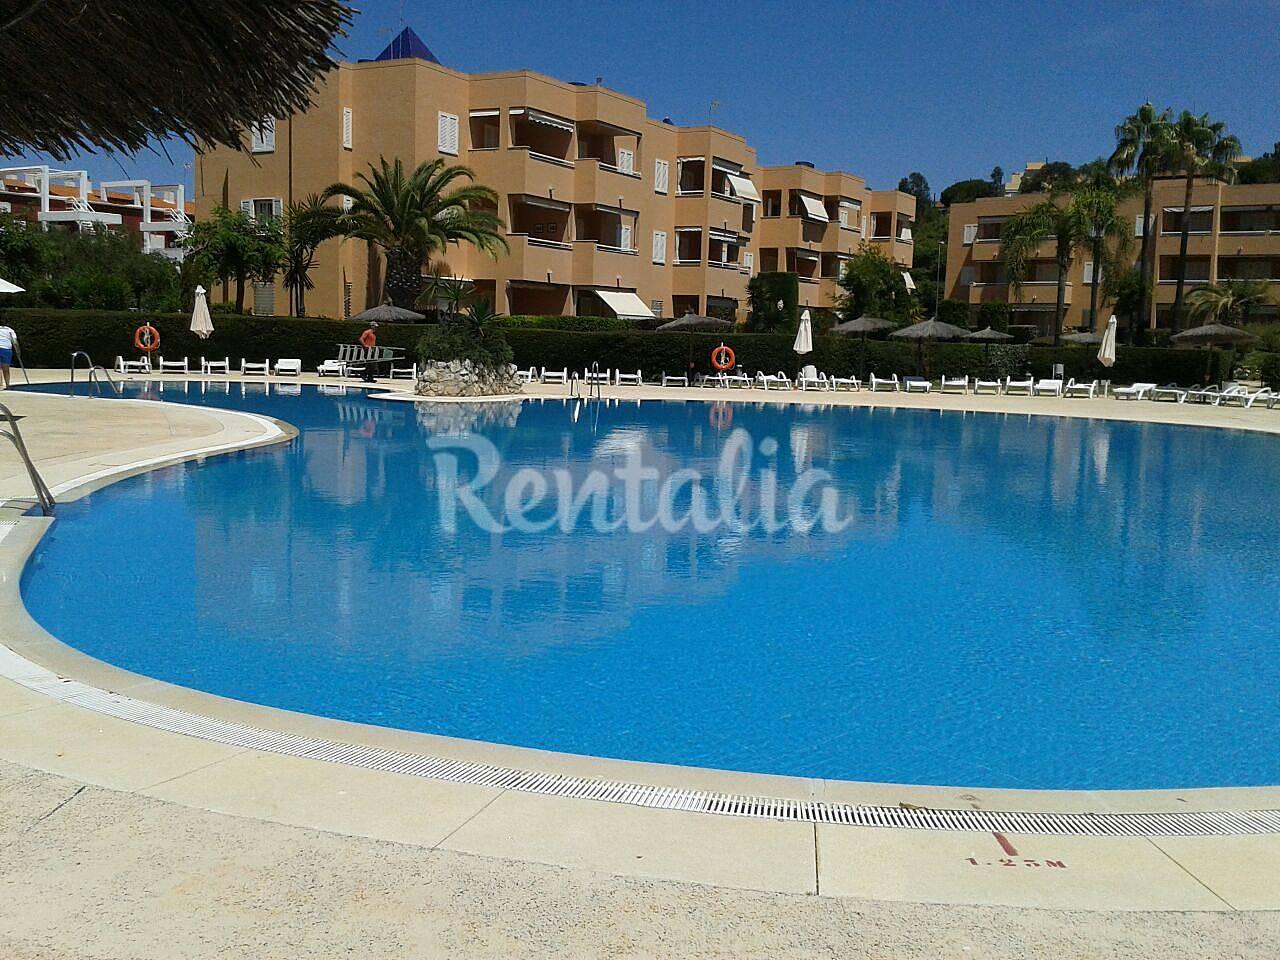 Apartamento para 3 5 personas a 100 m de la playa - Rentalia islantilla ...